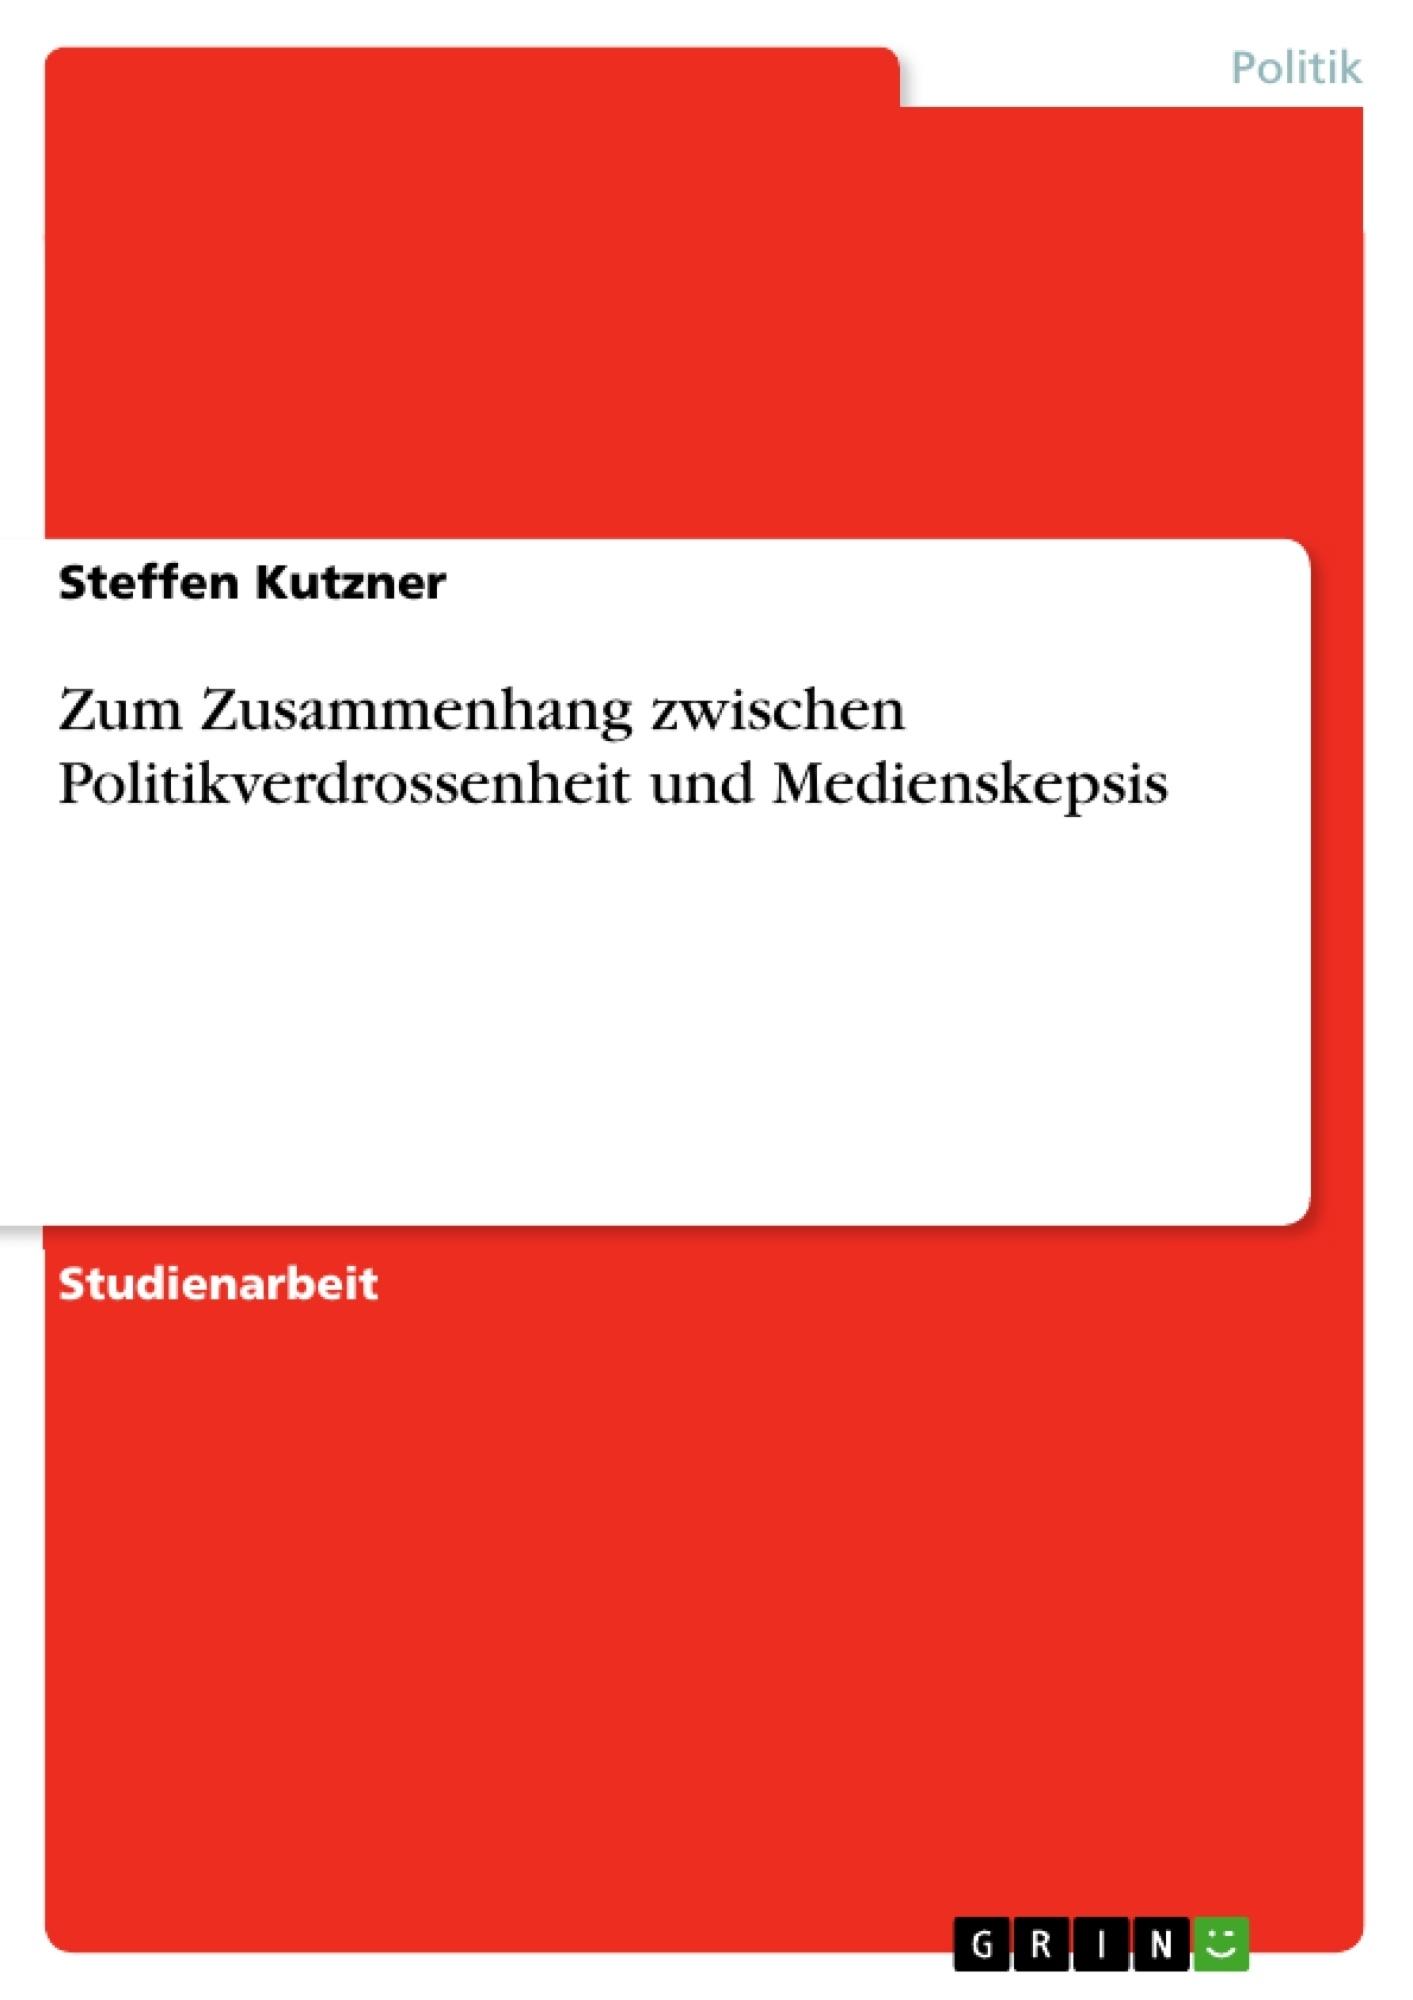 Titel: Zum Zusammenhang zwischen Politikverdrossenheit und Medienskepsis